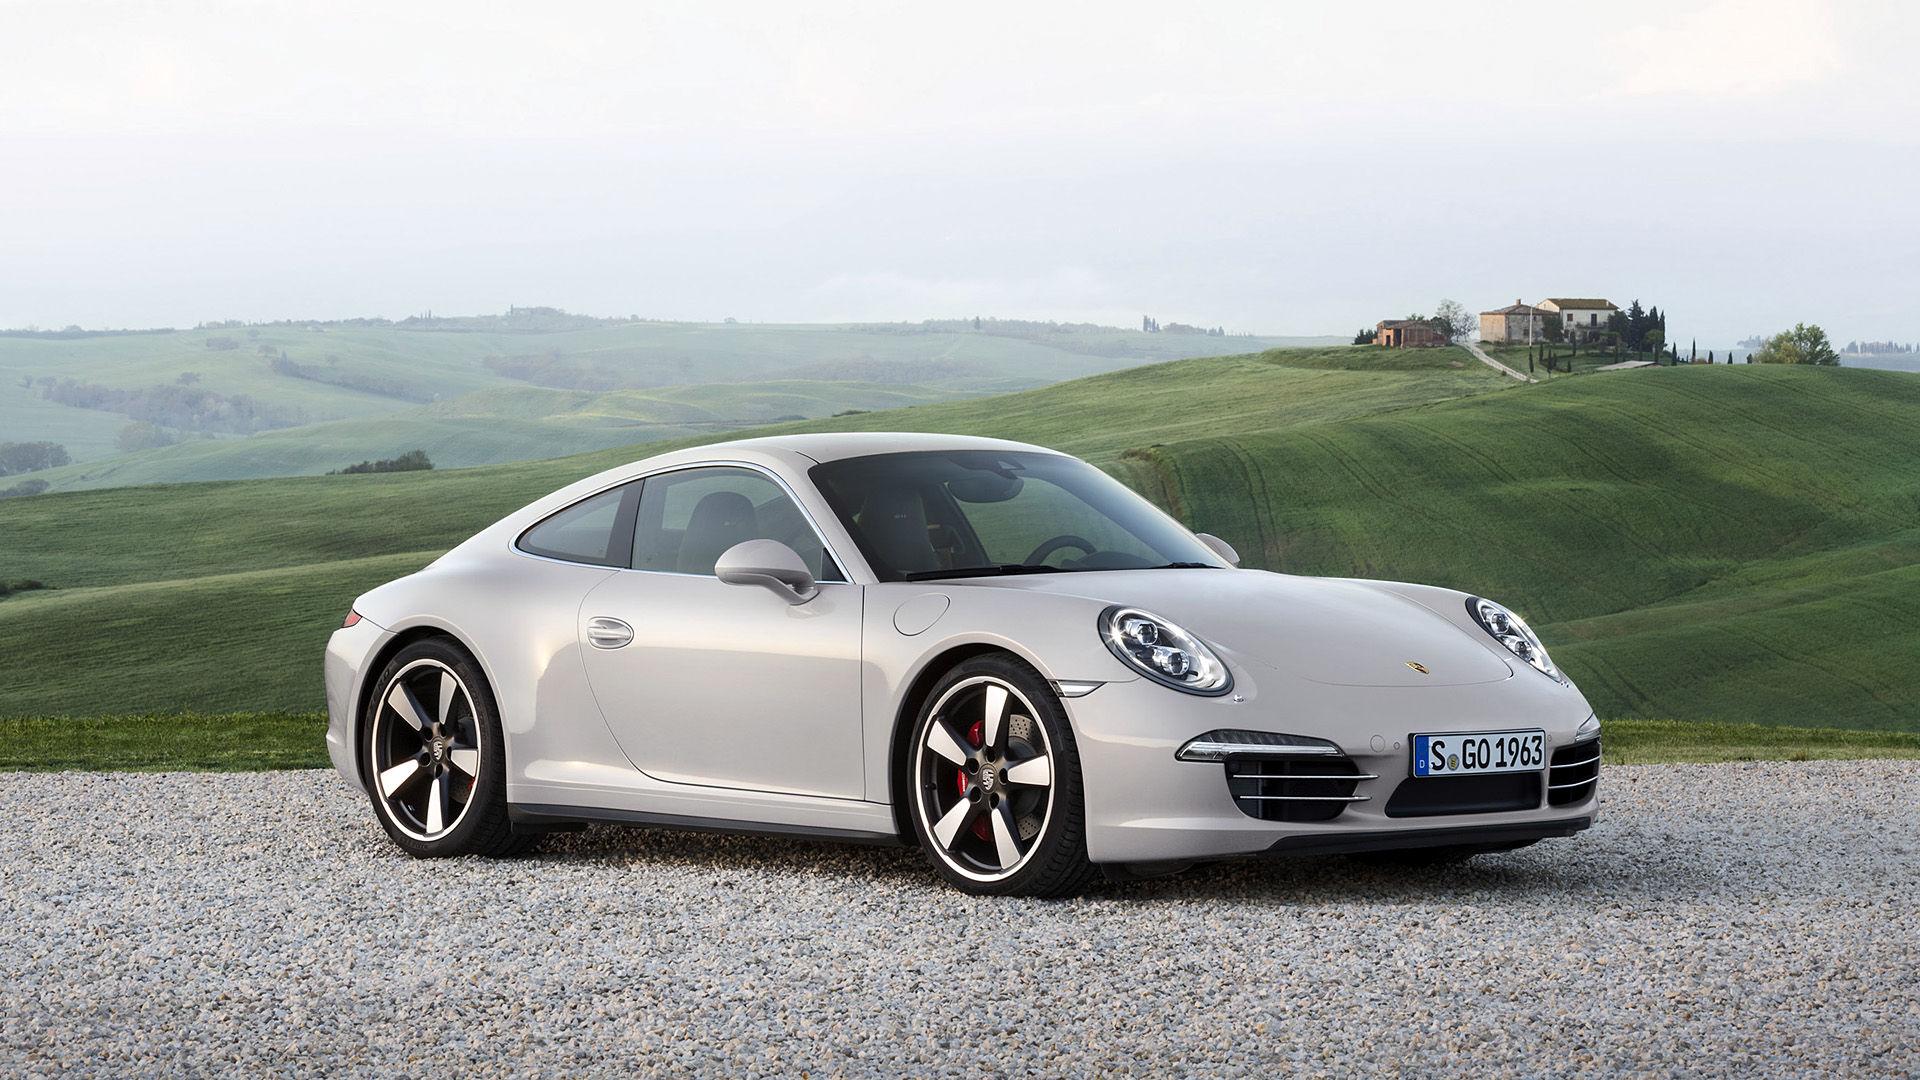 2013 Porsche 911 50th Anniversary Edition